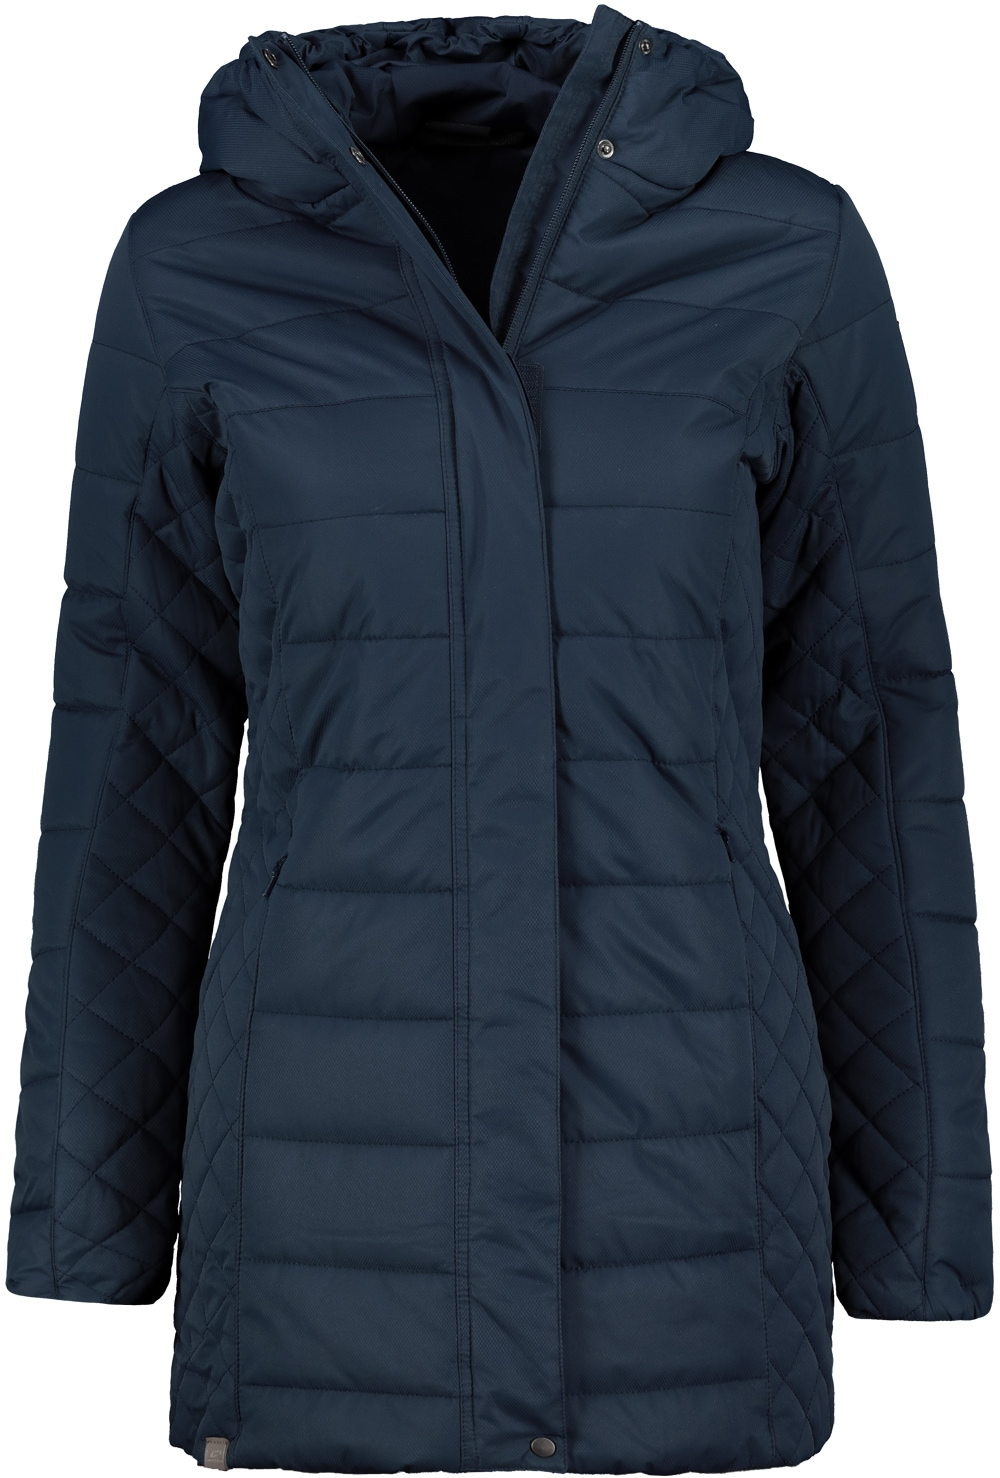 Women's coat HANNAH Anika